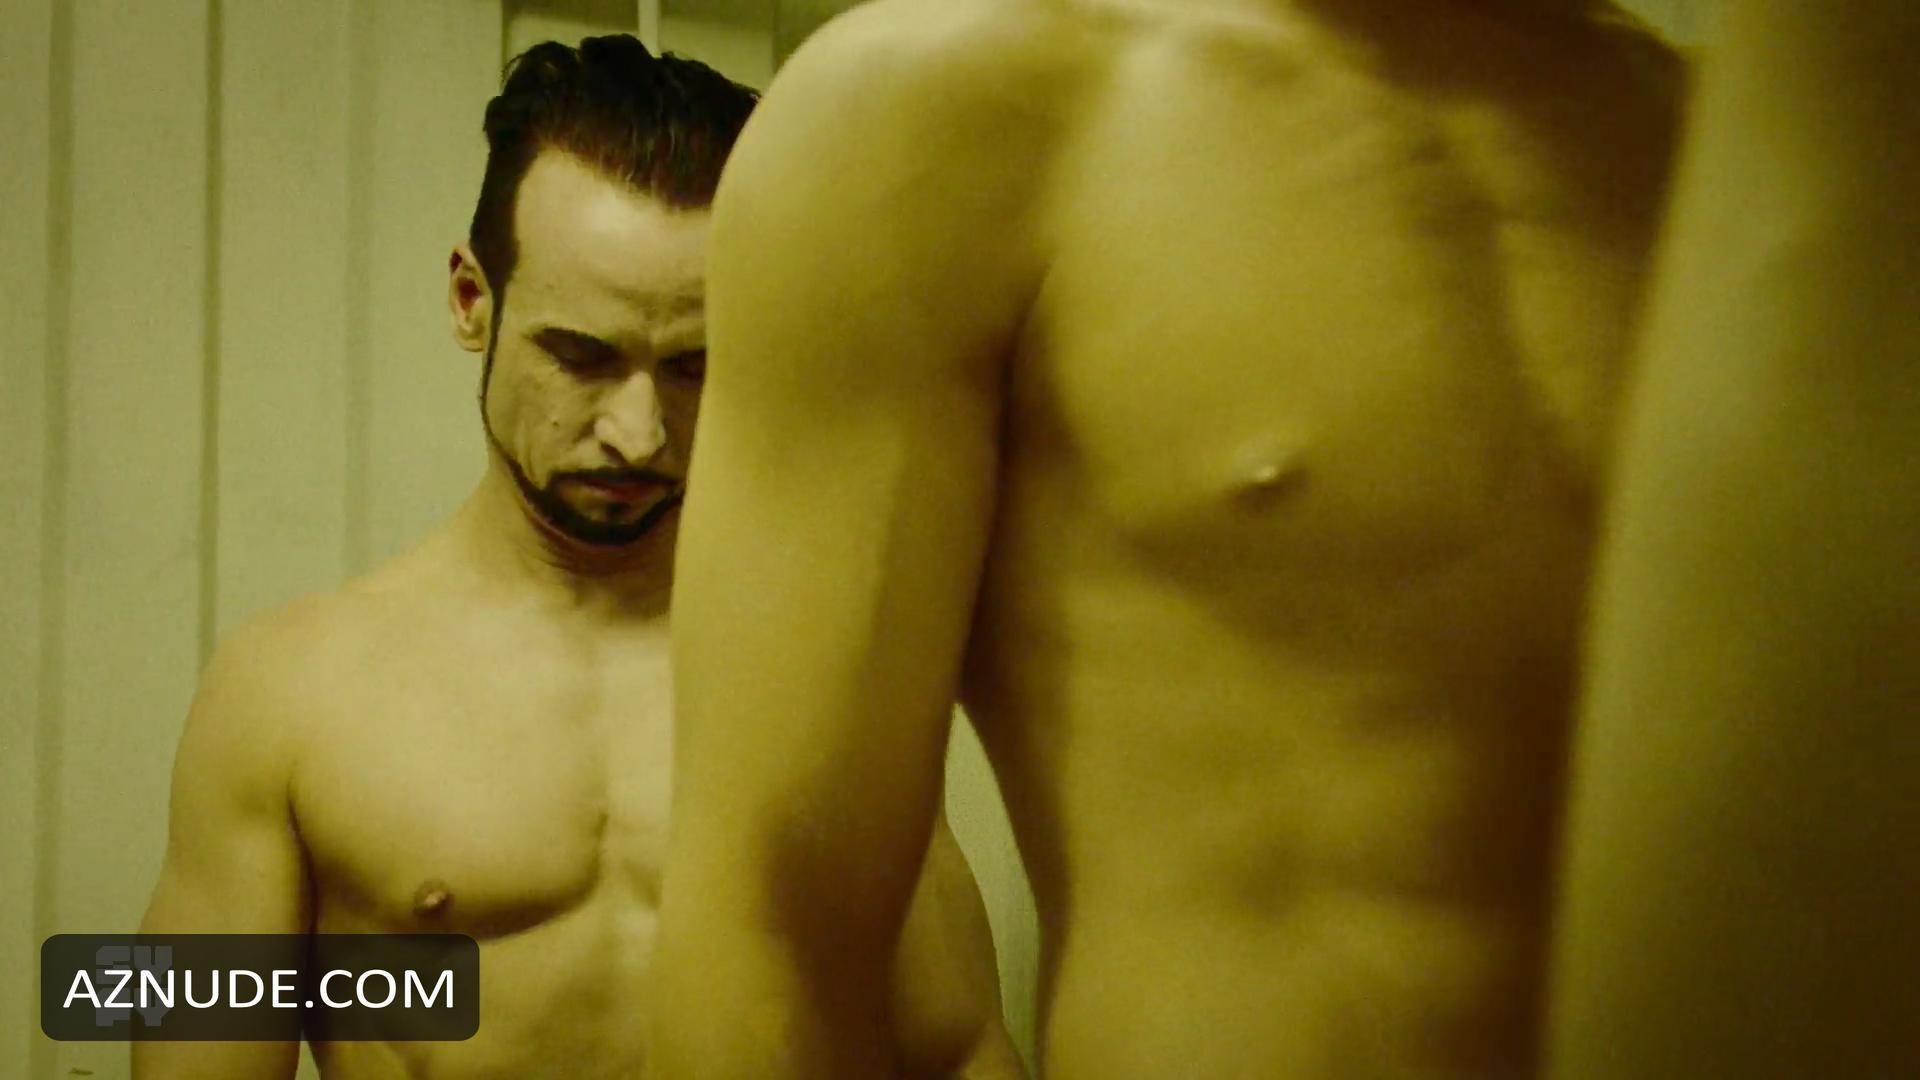 COLIN CUNNINGHAM Nude  AZNude Men